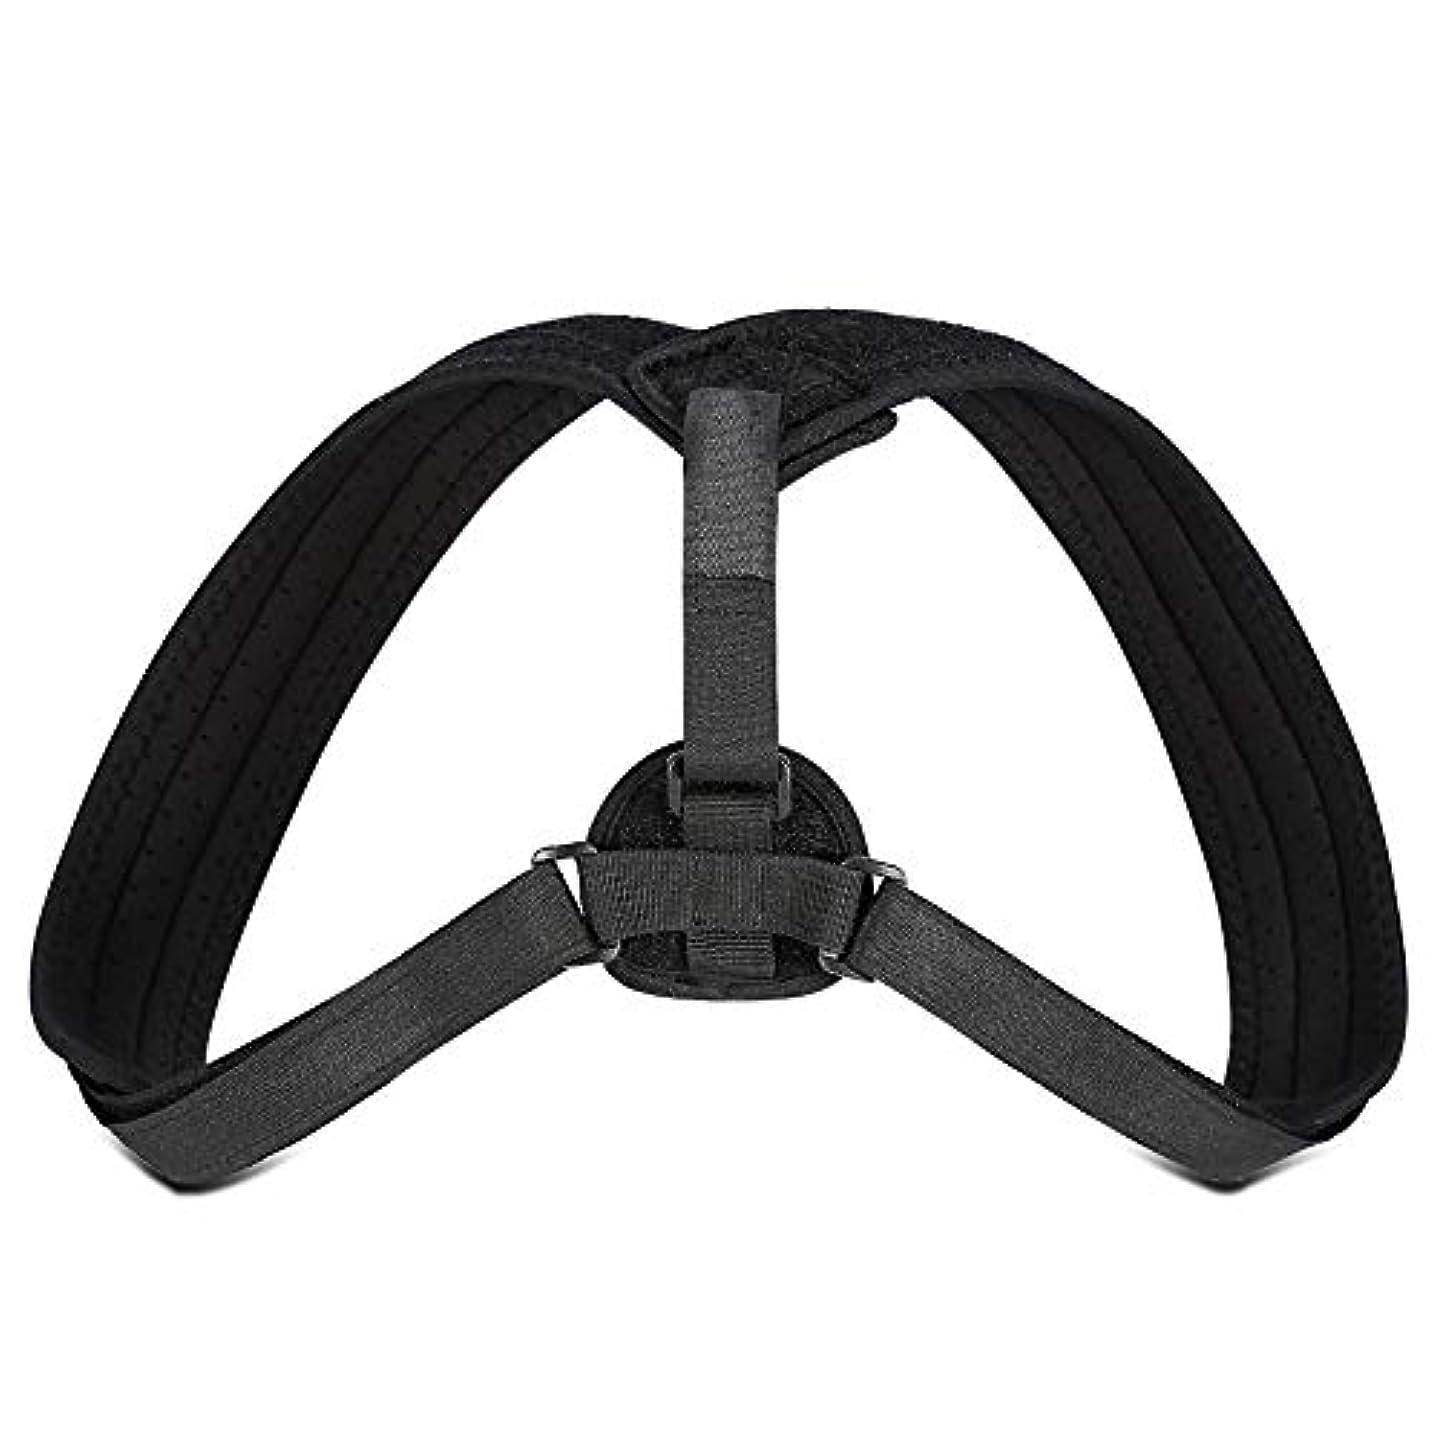 サーキットに行くラケットワゴンYosoo Posture Corrector - ブレースアッパーバックネックショルダーサポートアジャスタブルストラップ、肩の体位補正、整形外科用こぶの緩和のための包帯矯正、ティーン用